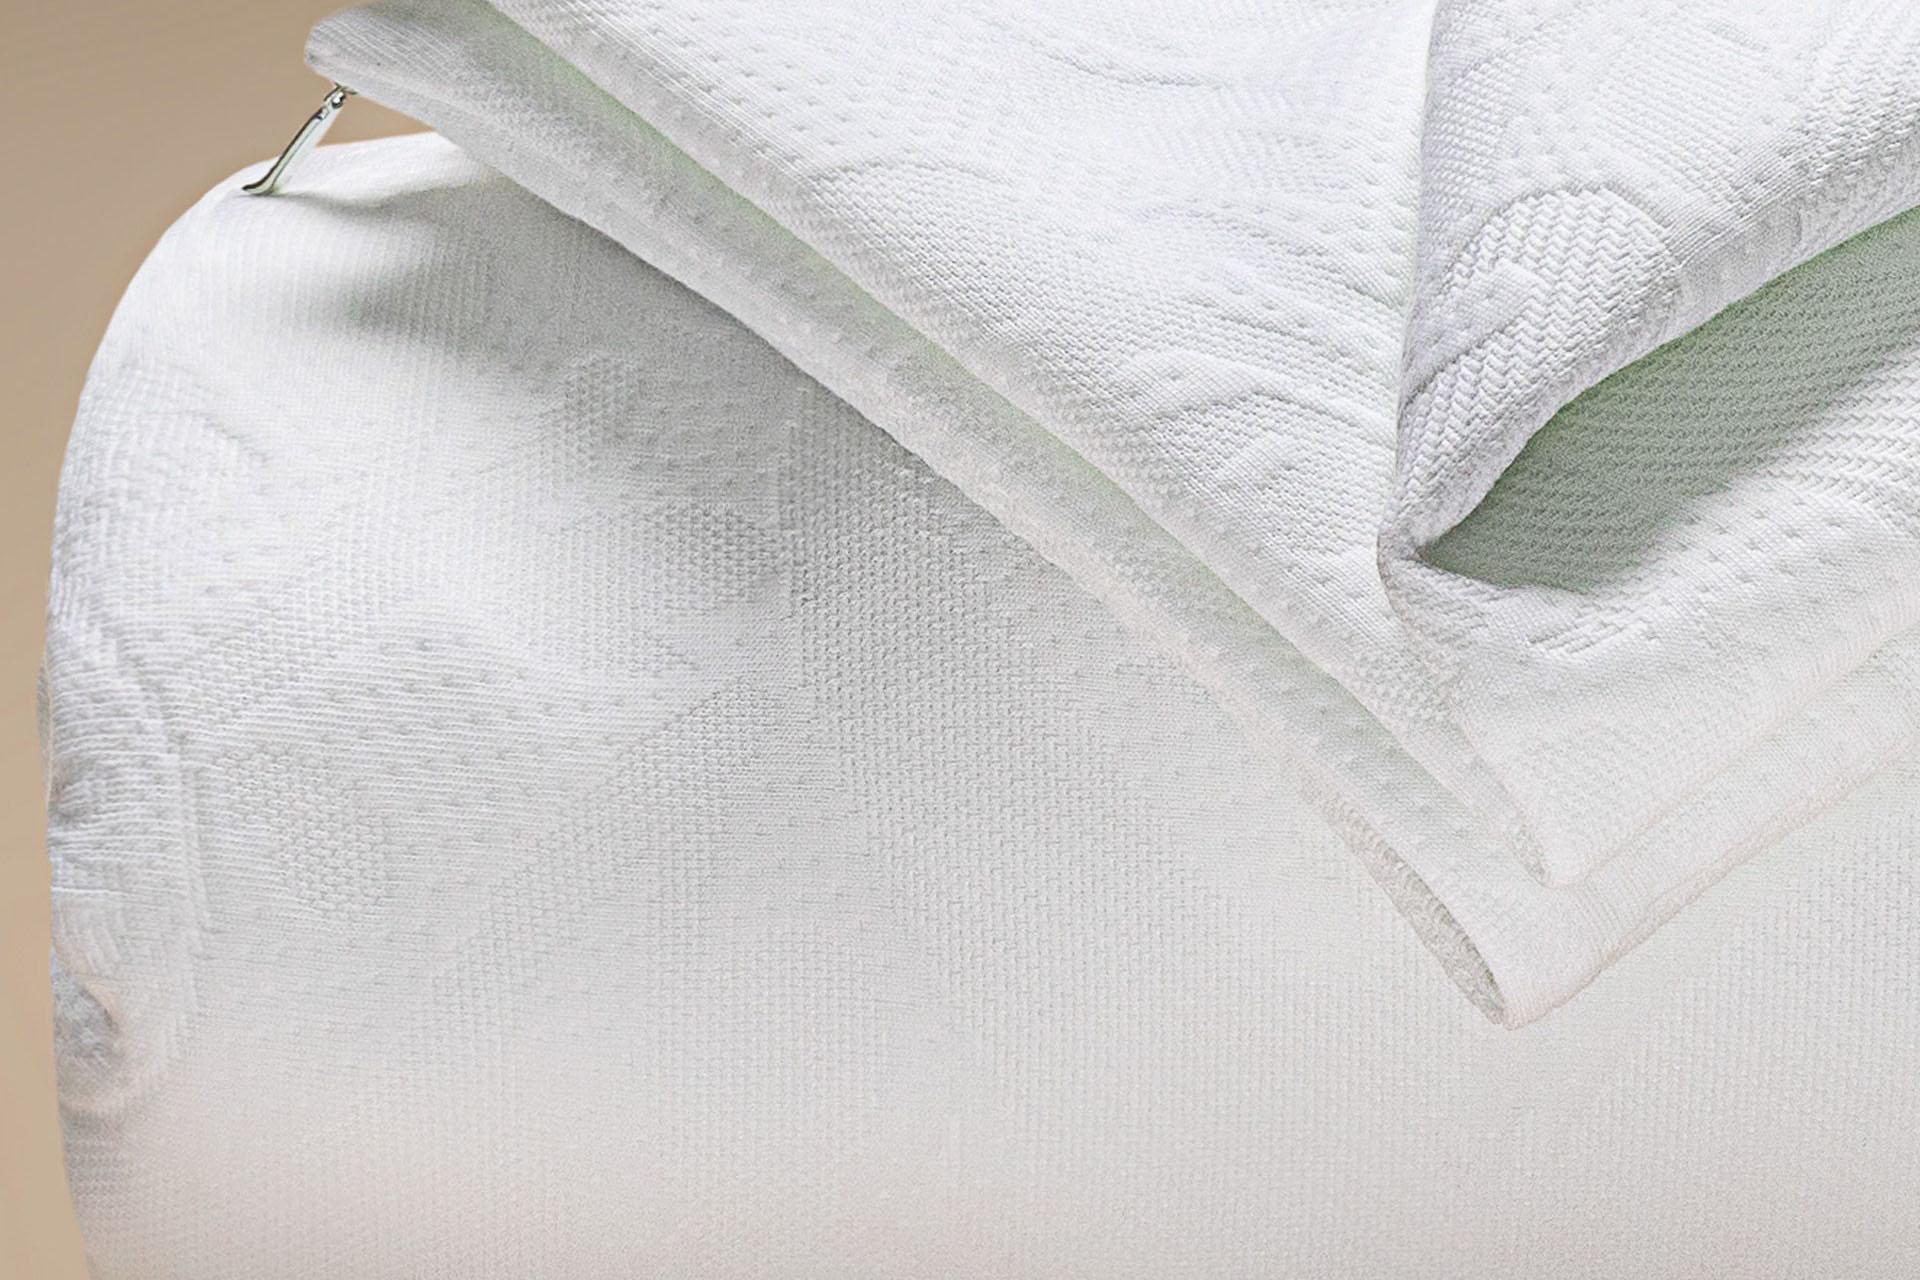 copricuscino coprimaterasso a maglia antiacaro greenfirst dettaglio